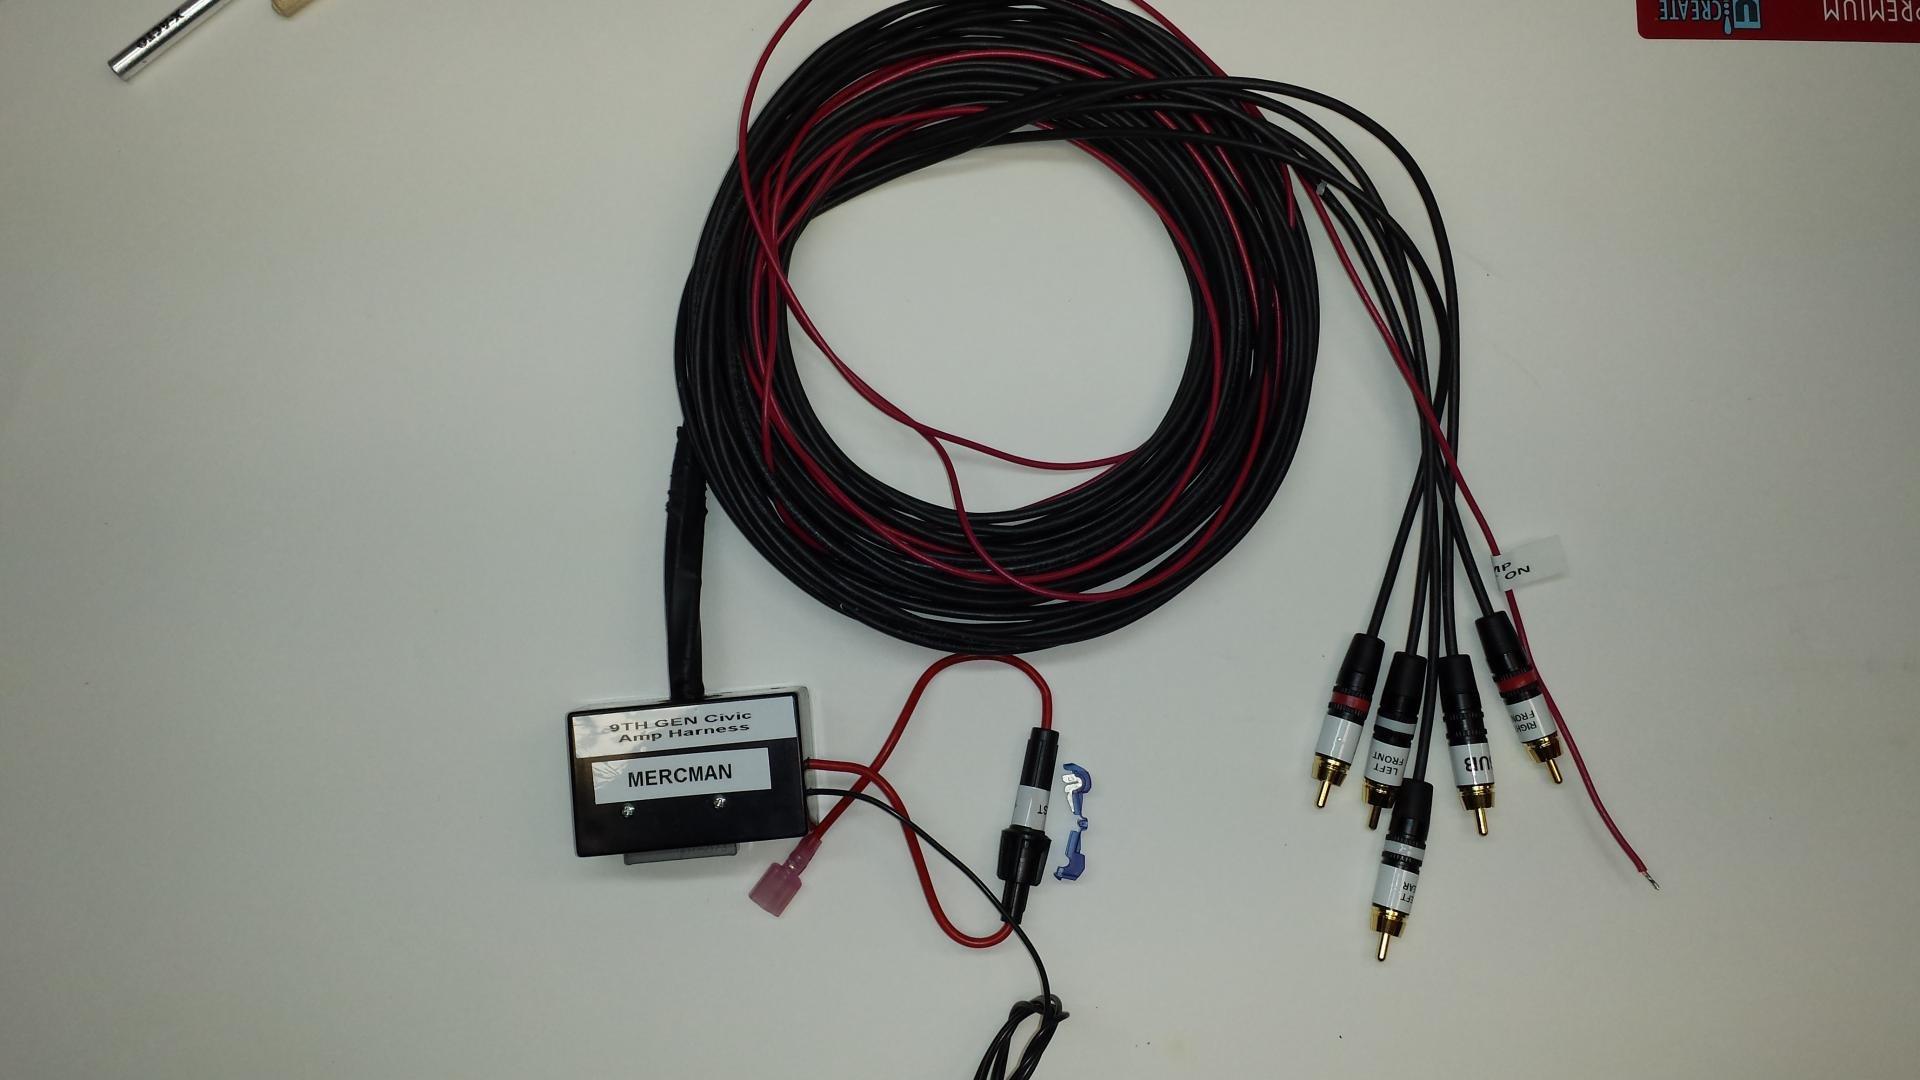 wanted 2014 civic si w\\nav audio wiring diagrams page 3 on  for wanted 2014 civic si w\\nav audio wiring diagrams 20141018_182059 jpg at